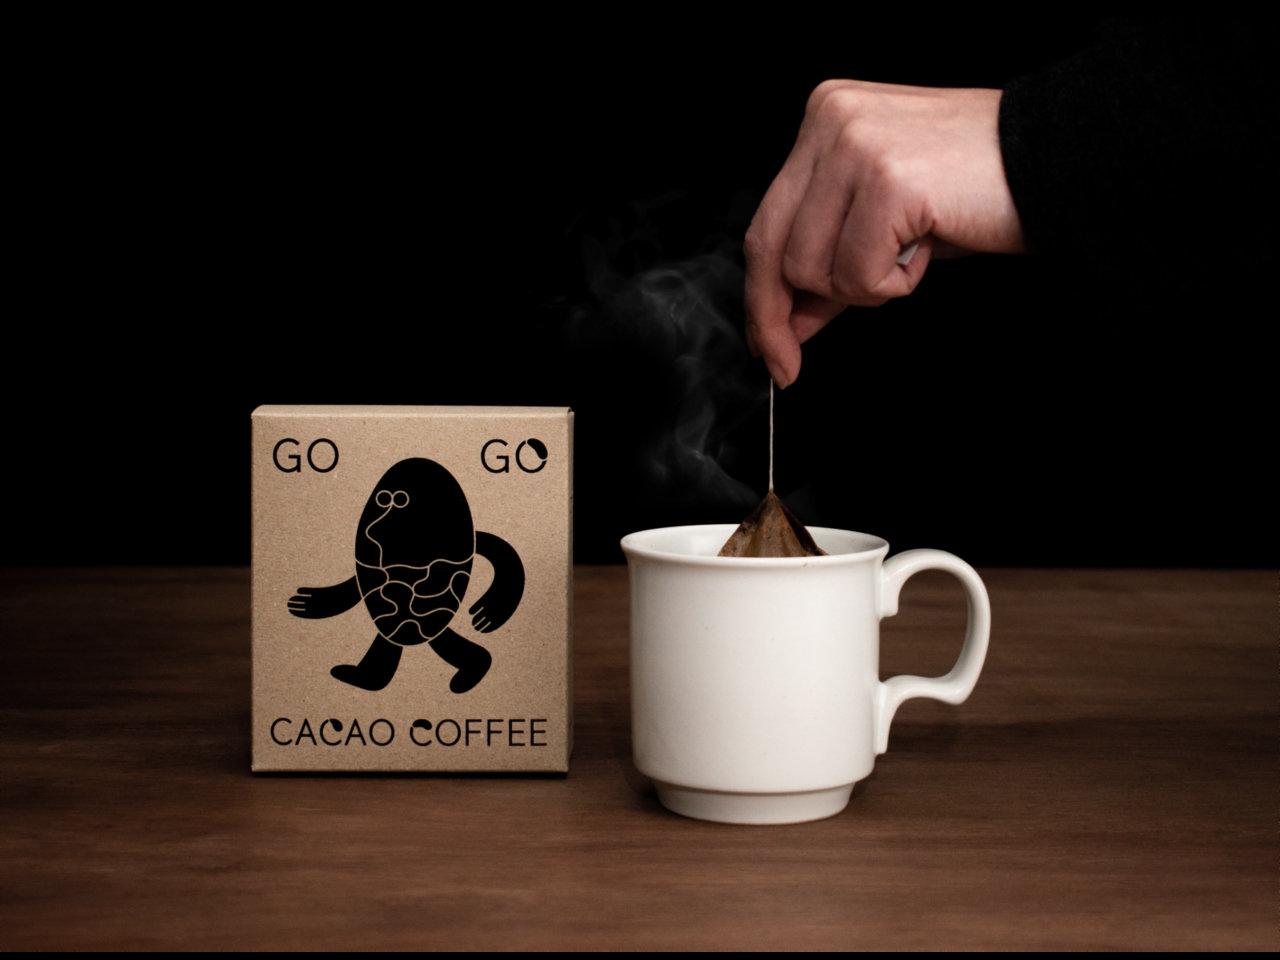 コーヒーに新しい選択肢を。カカオ香る癒しのアップサイクルコーヒー「カカオコーヒー」発売